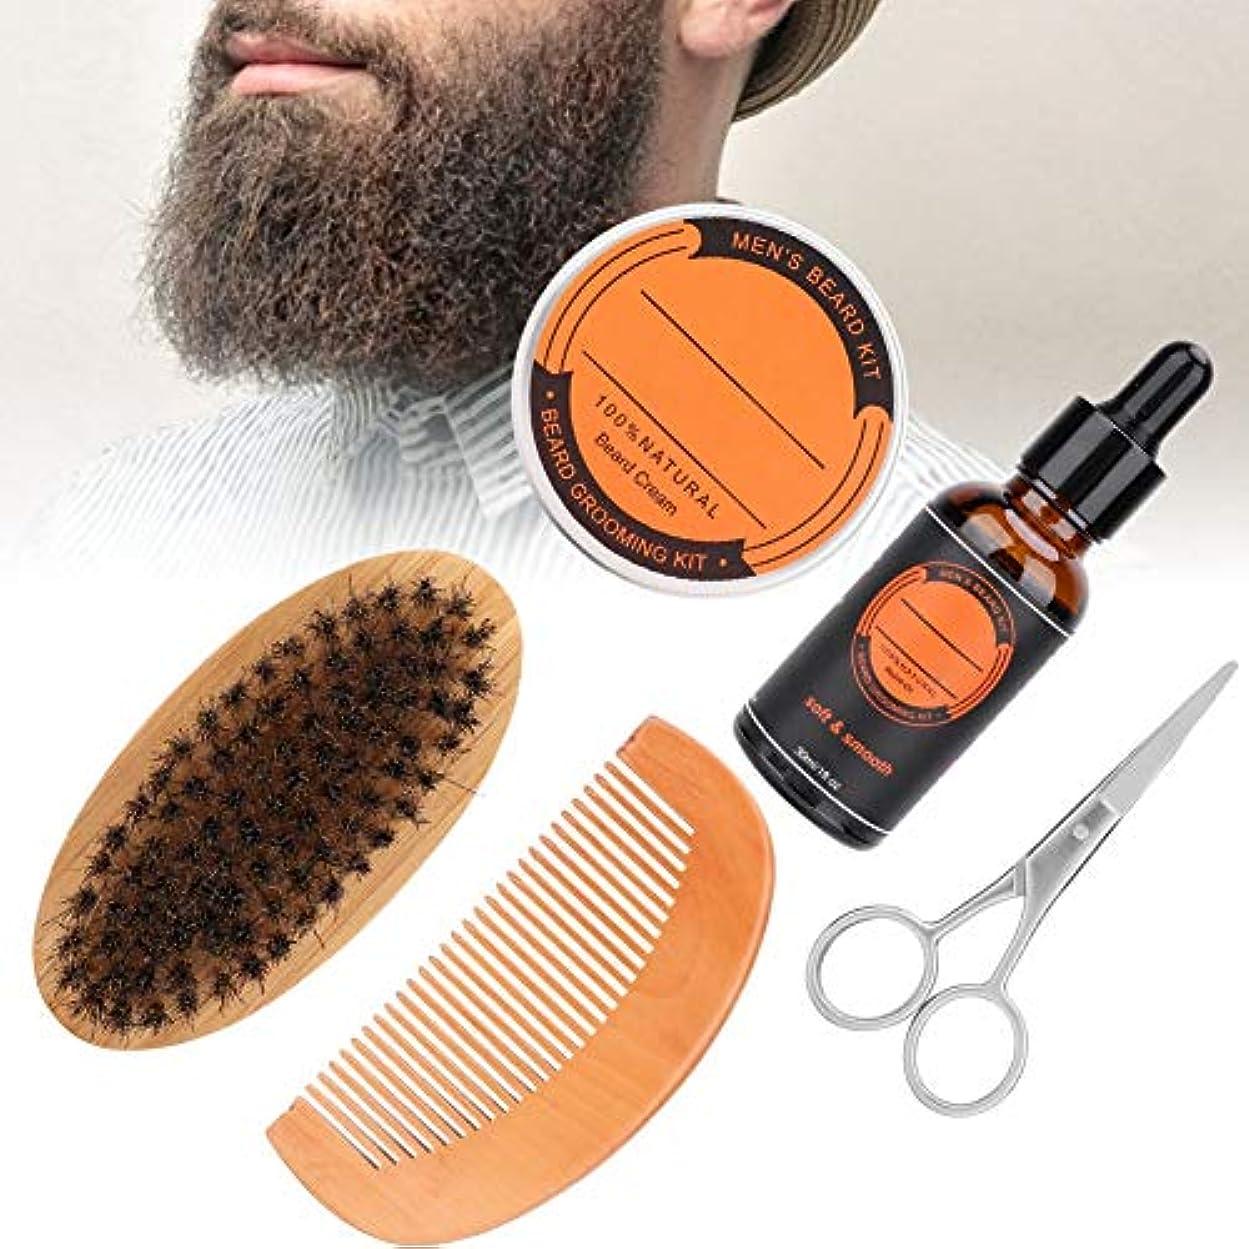 透けて見える発揮するスクランブル6本のひげの心配のセット、ひげの手入れをするキット、人のひげの心配のキット、人のひげの心配のキットとの最終的なひげの心配のキット香油+髭オイル+櫛+ブラシ+はさみ